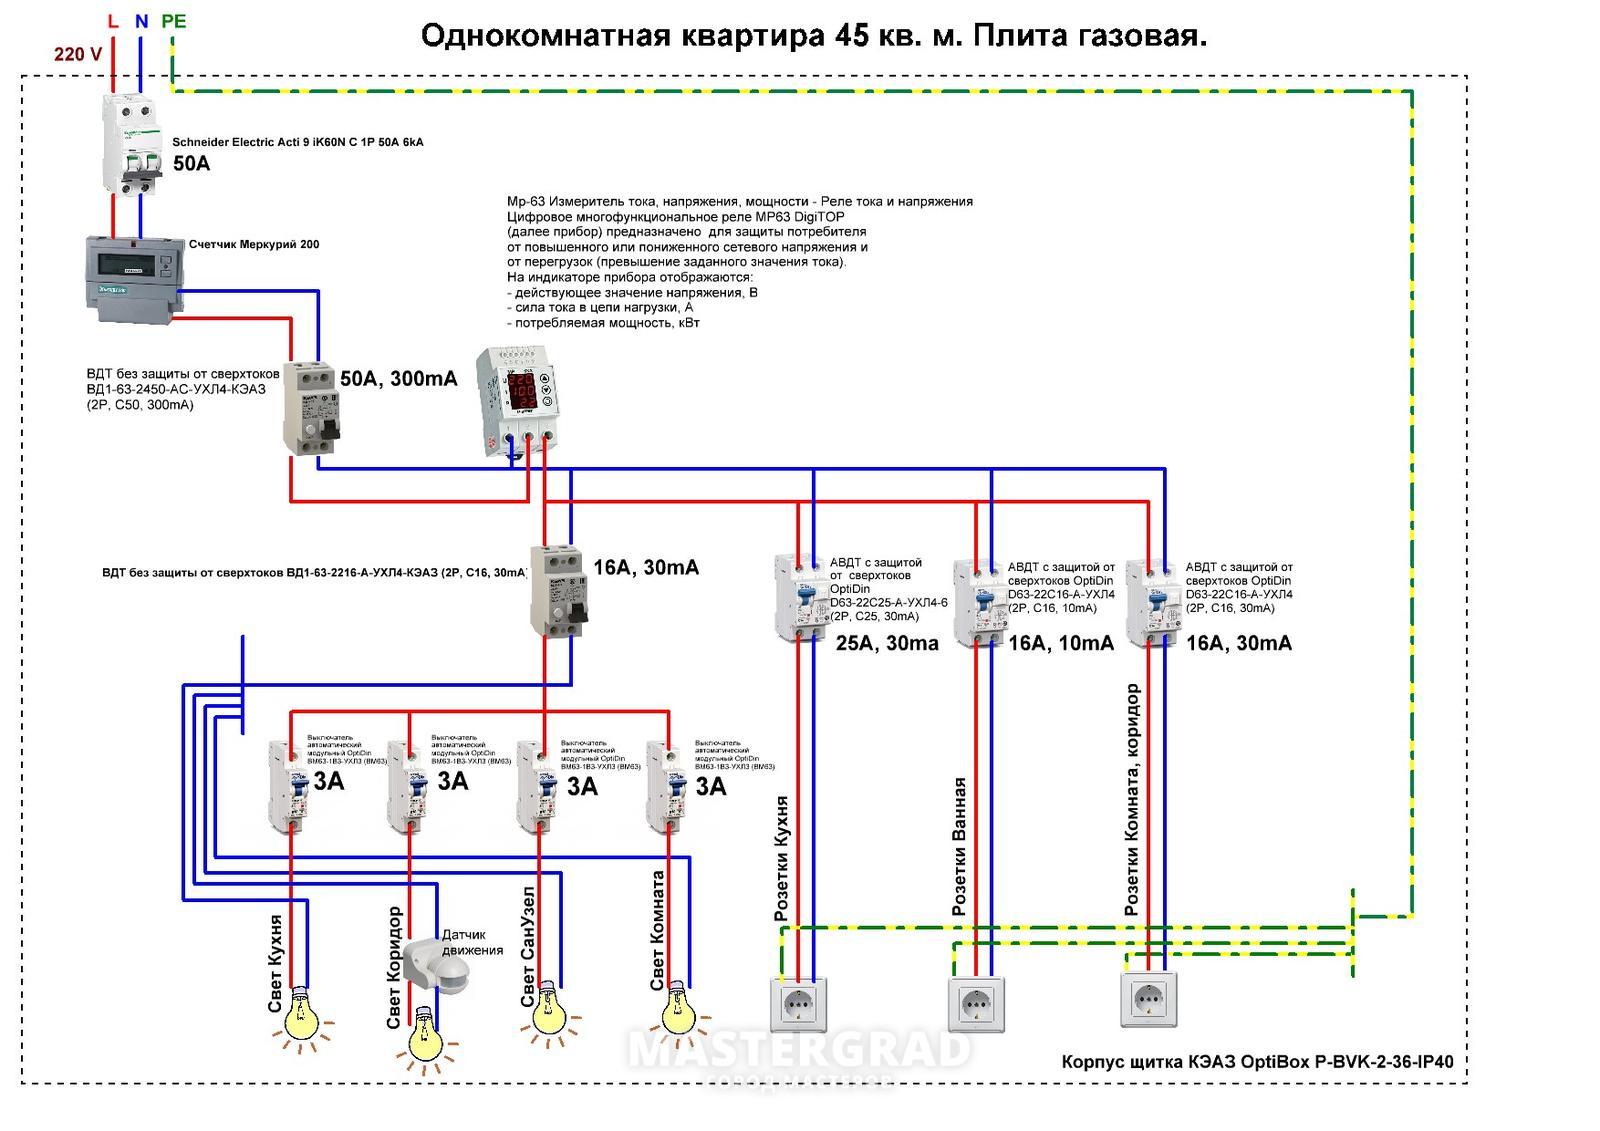 Схема подключения электрики в однокомнатной квартире